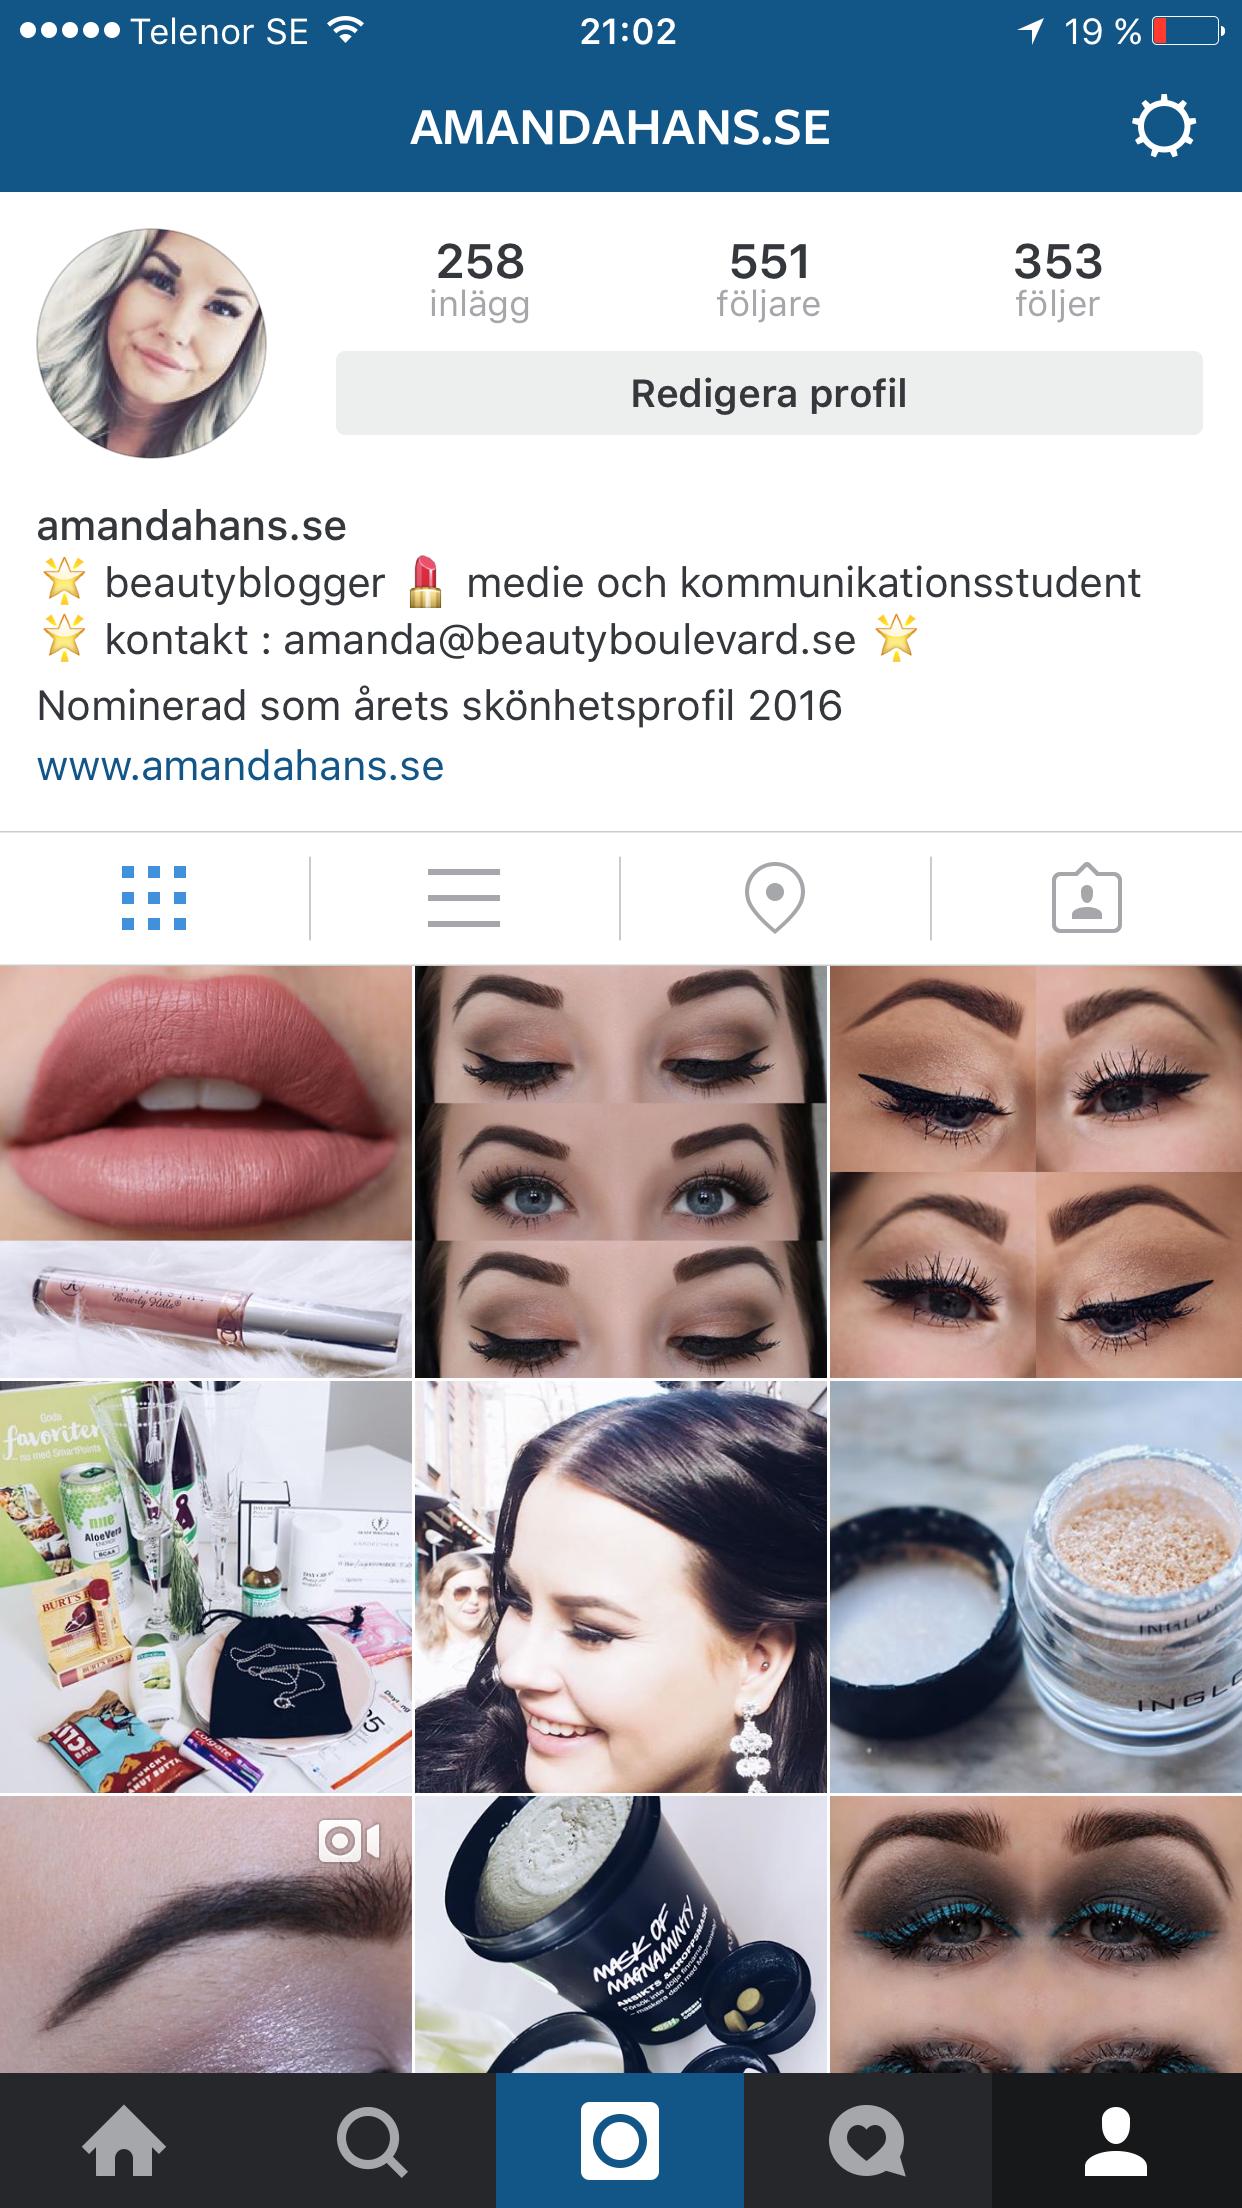 Vad heter du på Instagram? Skönhetsblogg amandahans